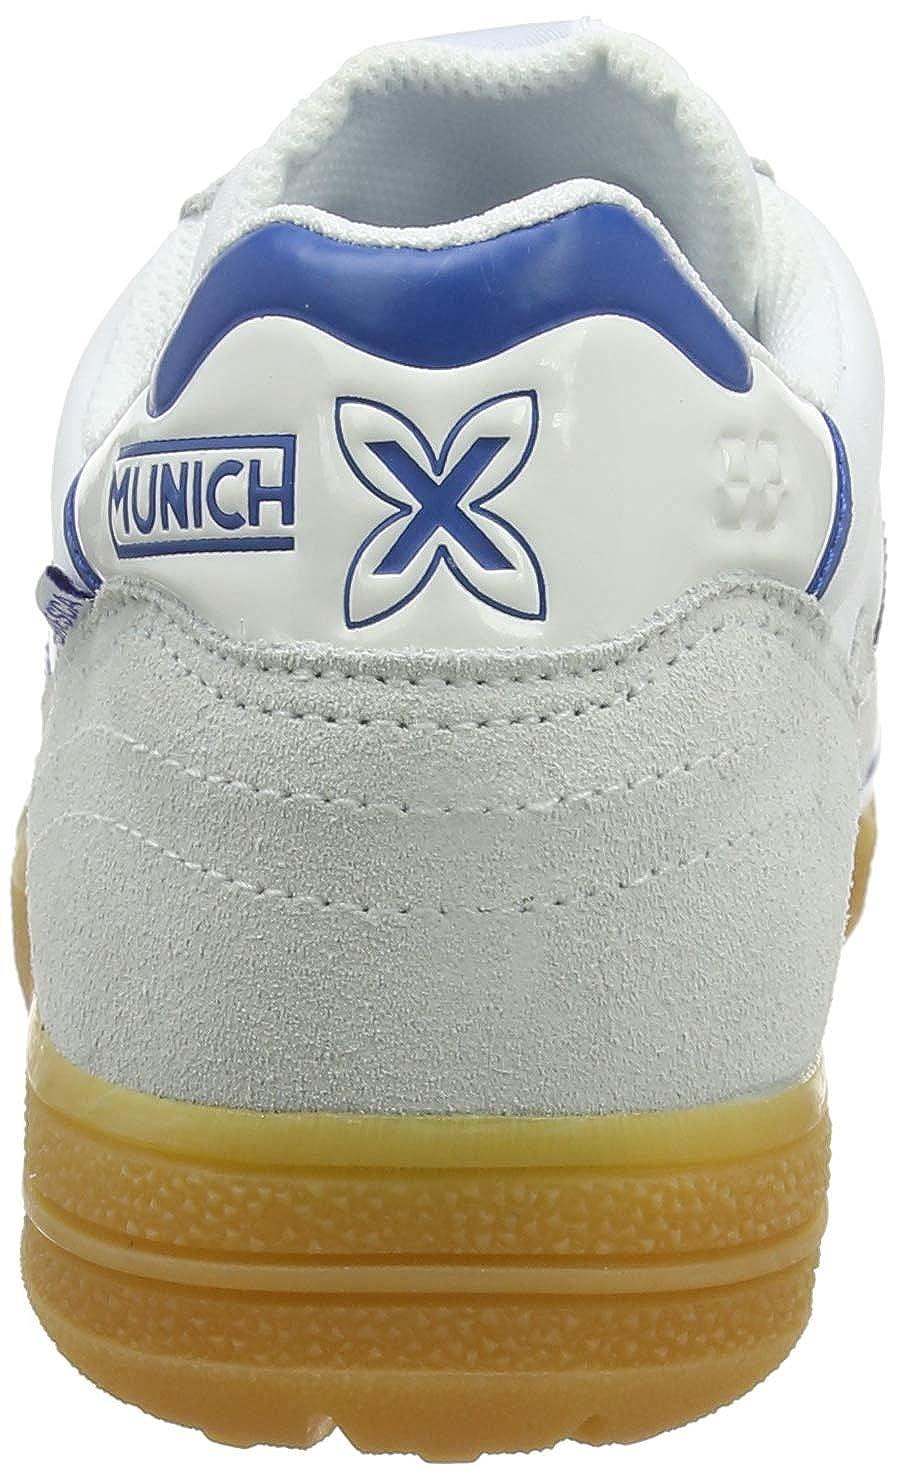 Adulto Scarpe da Calcetto Unisex Munich Gresca